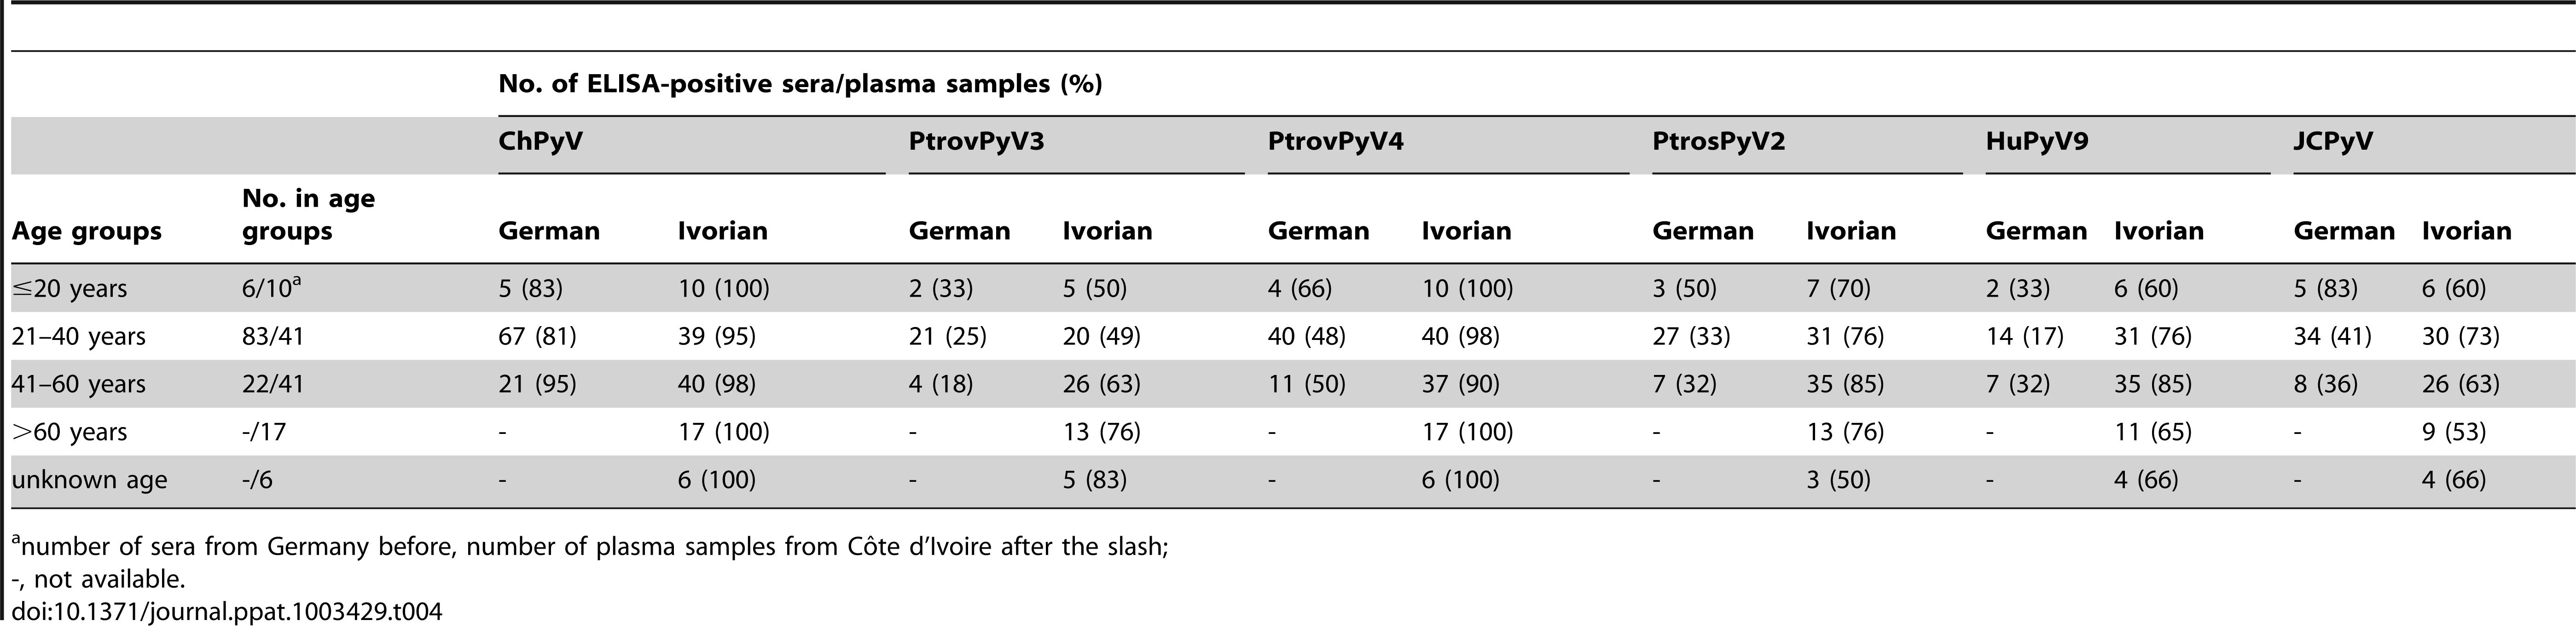 Seroreactivity of German sera and Ivorian plasma samples against polyomaviruses by age group.